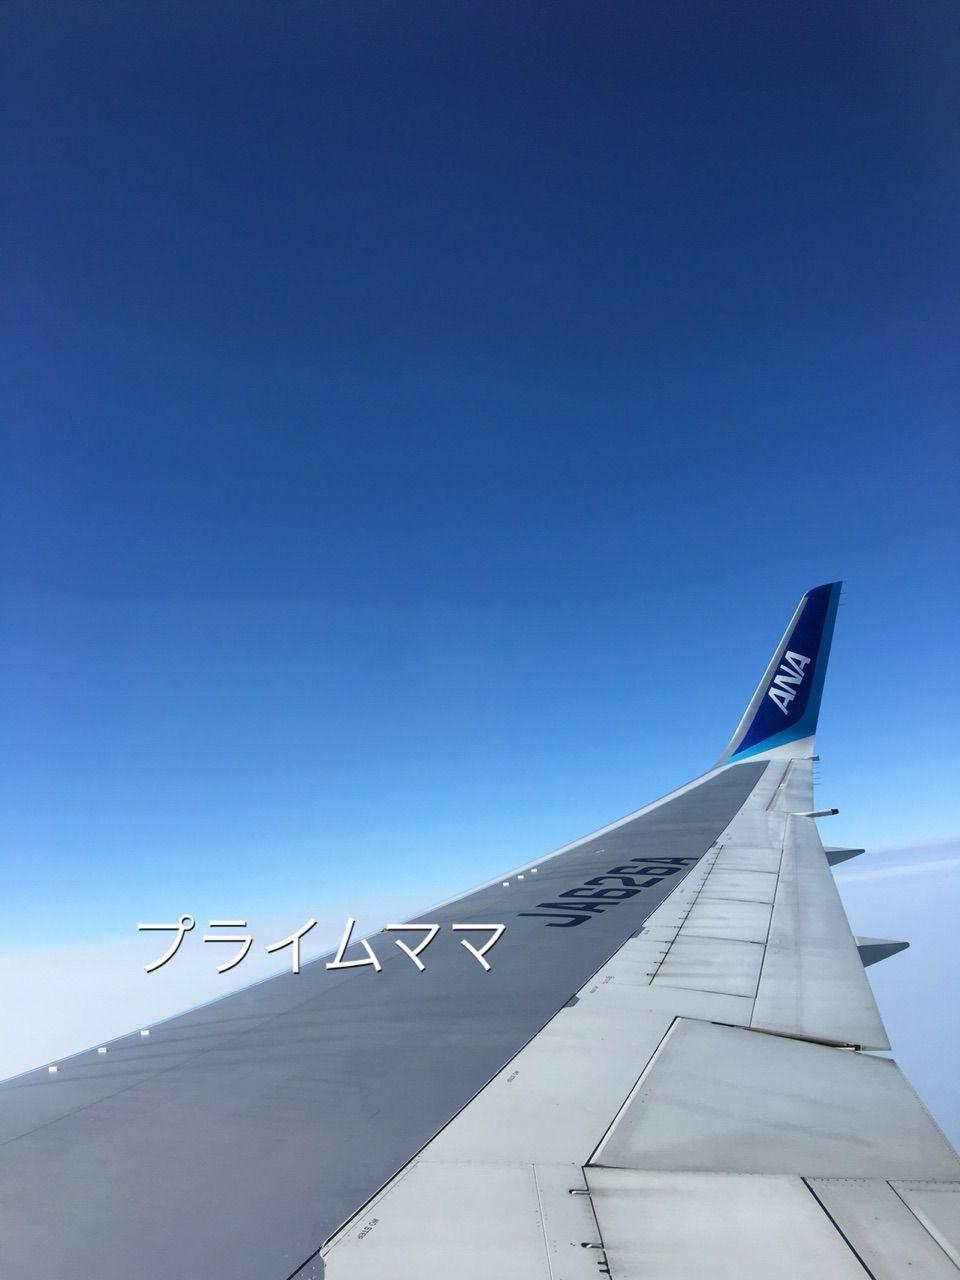 上海ディズニーランド旅行記 その1 飛行機〜上海タクシー : プライム